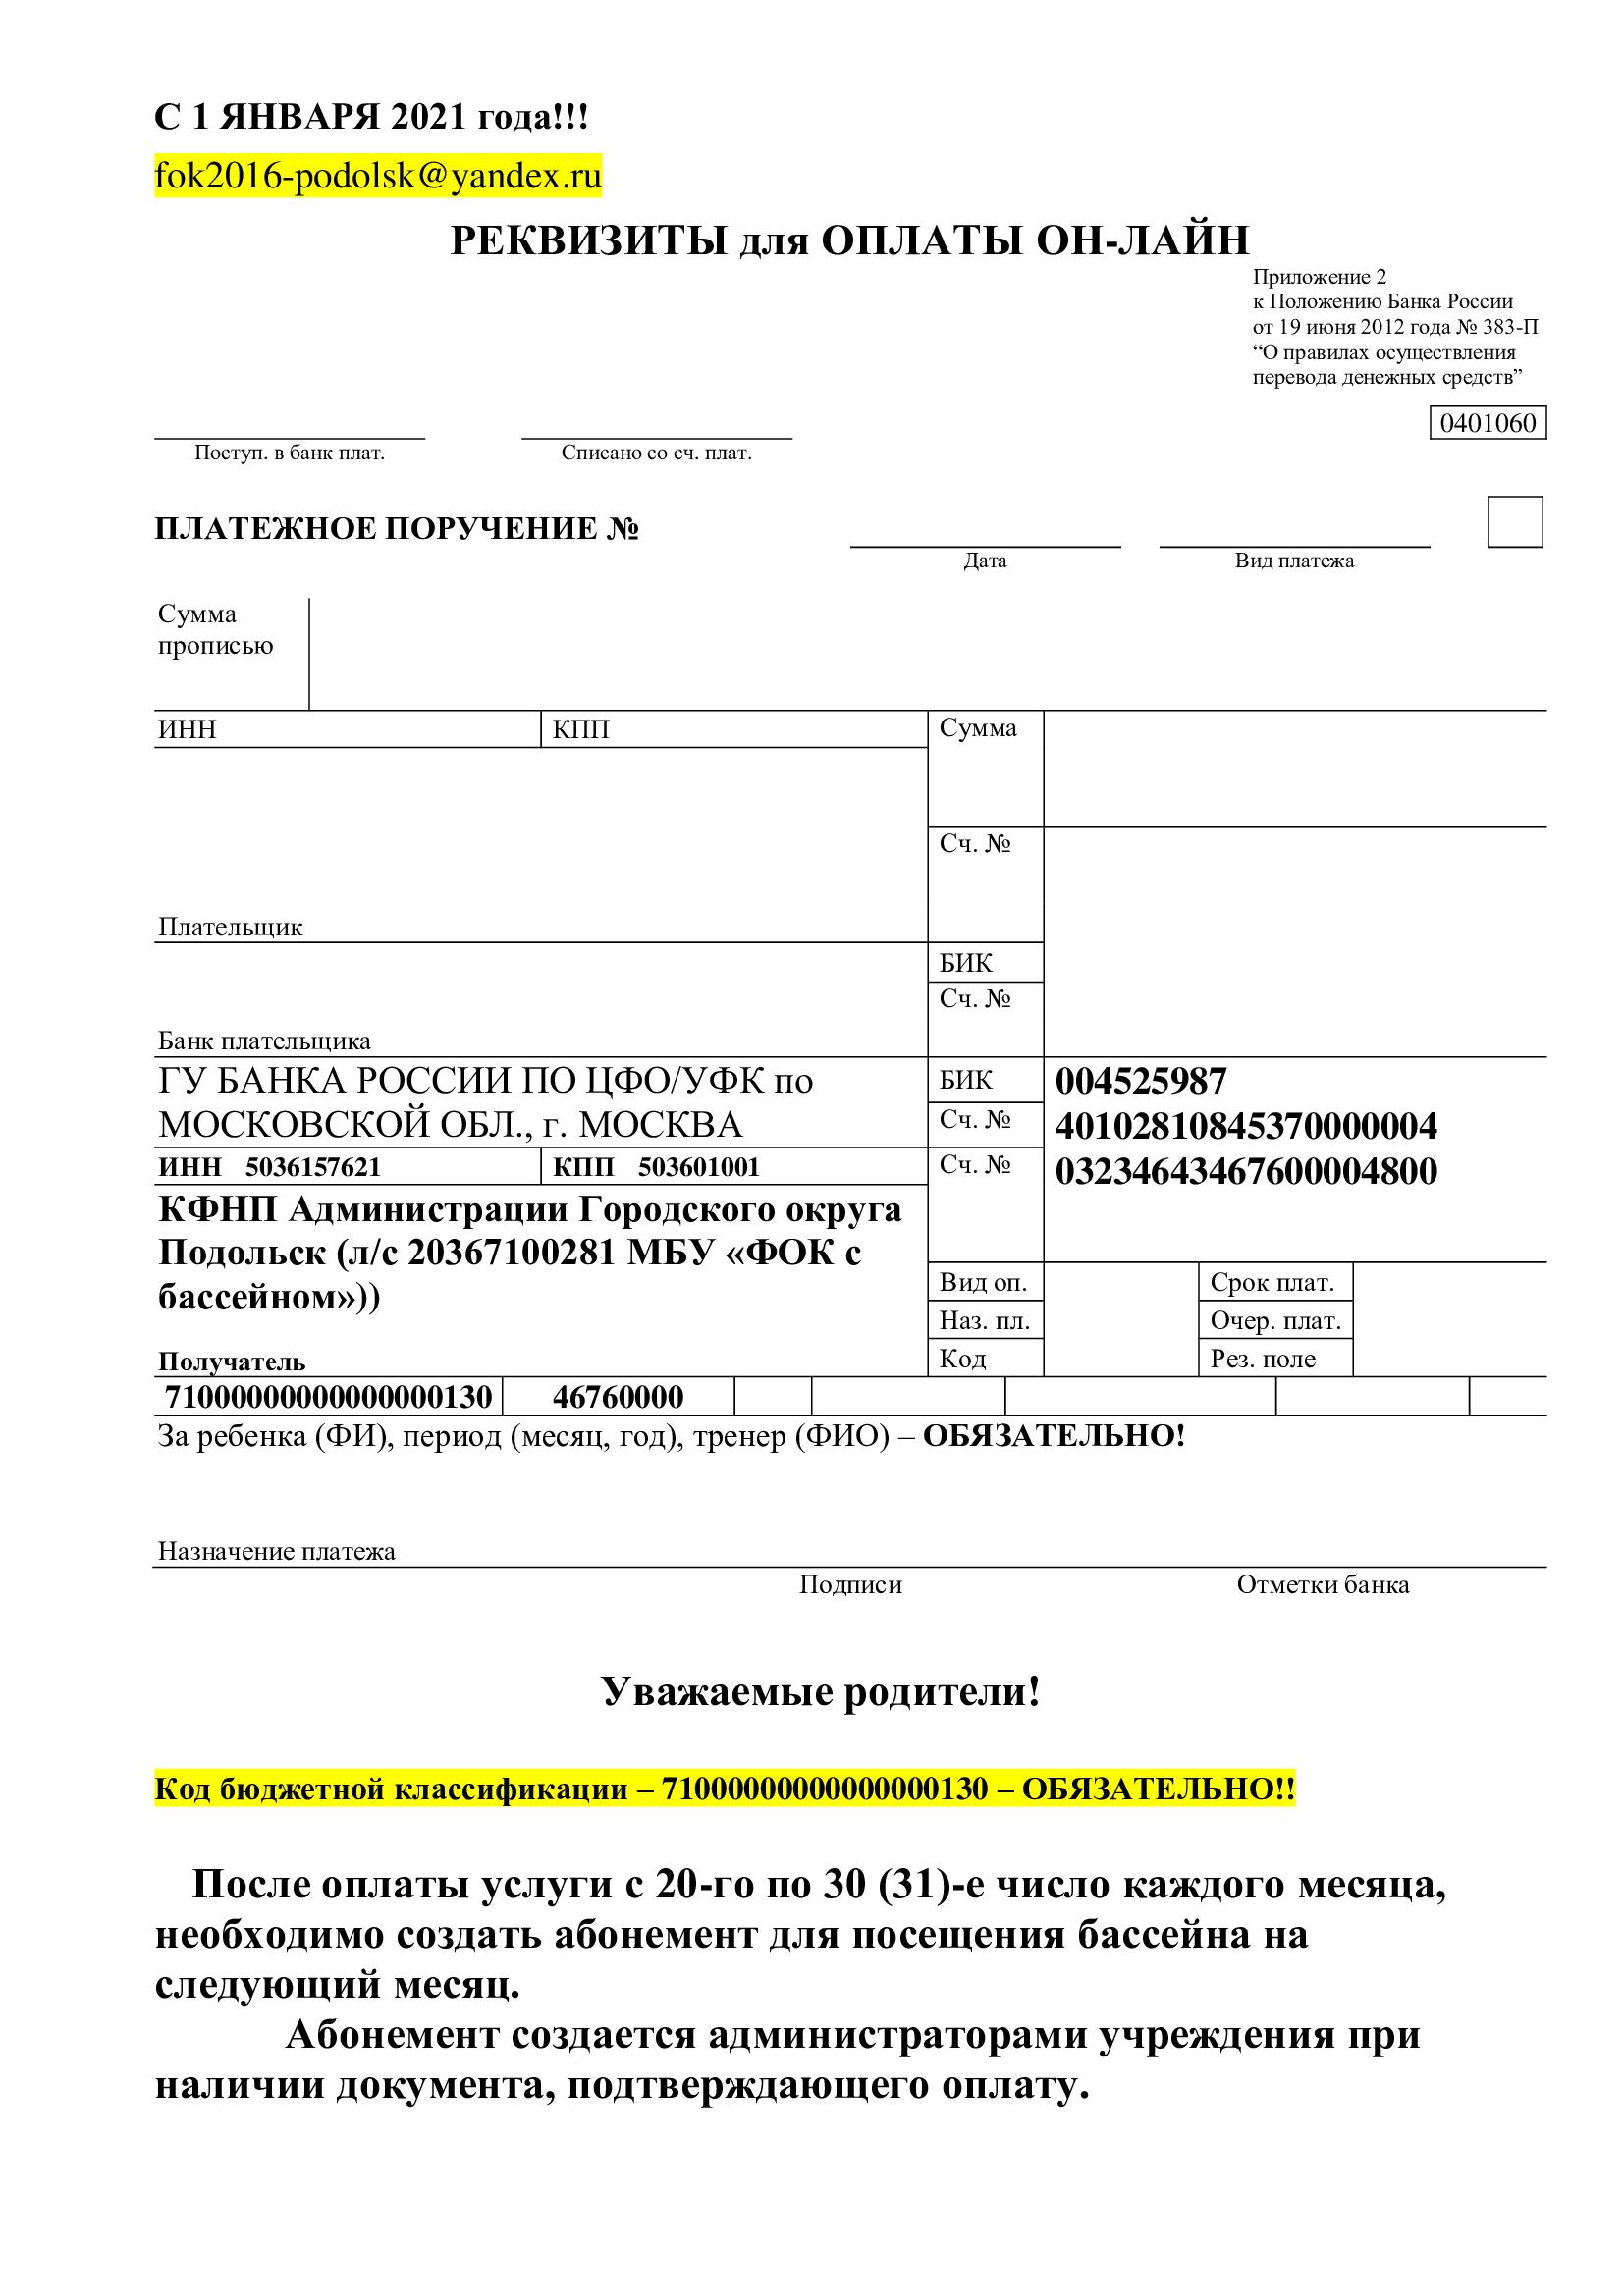 Реквизиты-для-оплаты-ОН-ЛАЙН-с-2021-года